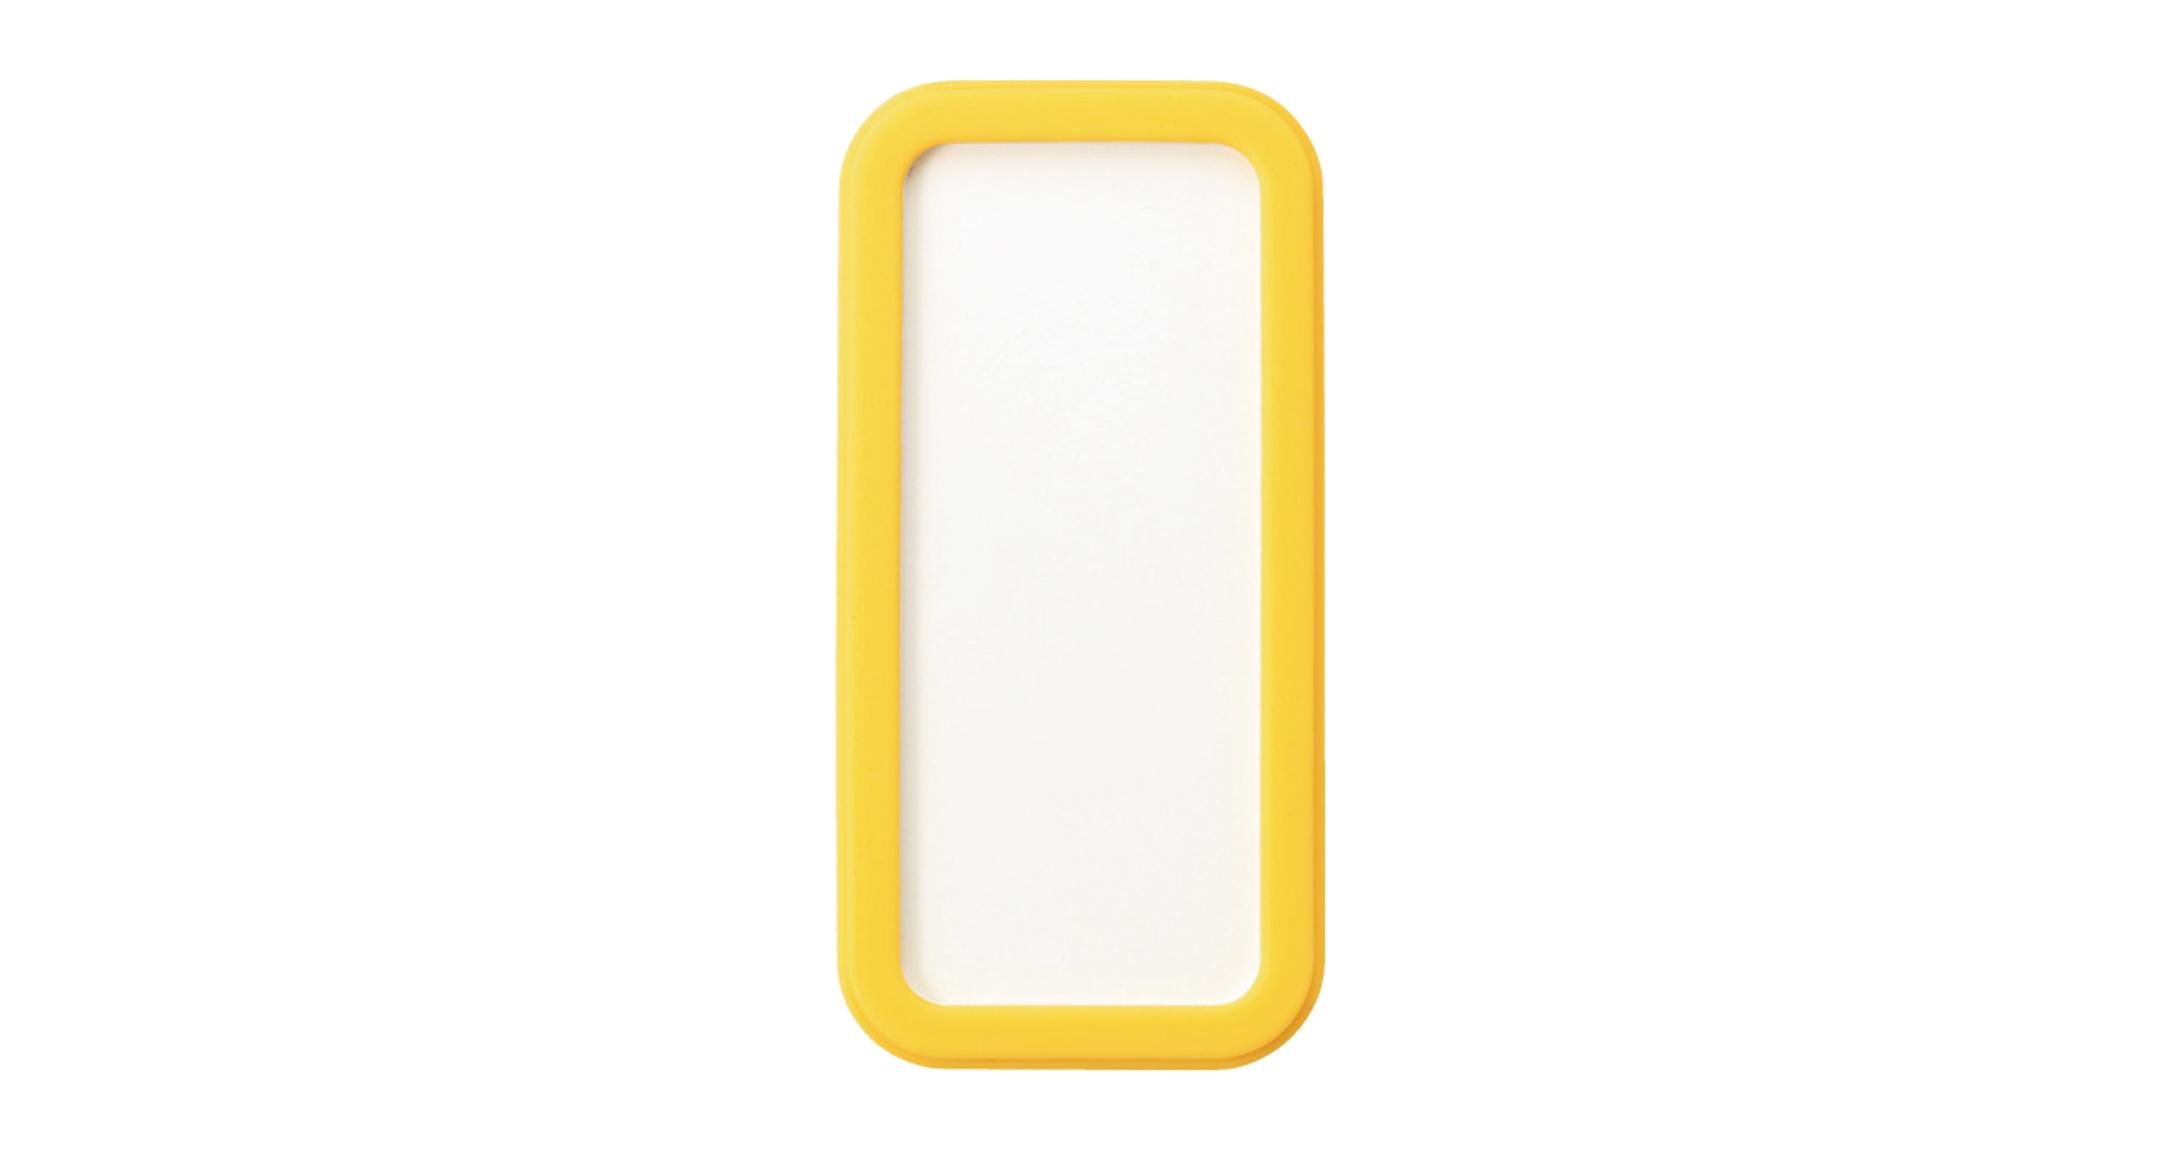 シリコンカバー付ポータブルケース CSSシリーズ:ホワイト/イエローの画像